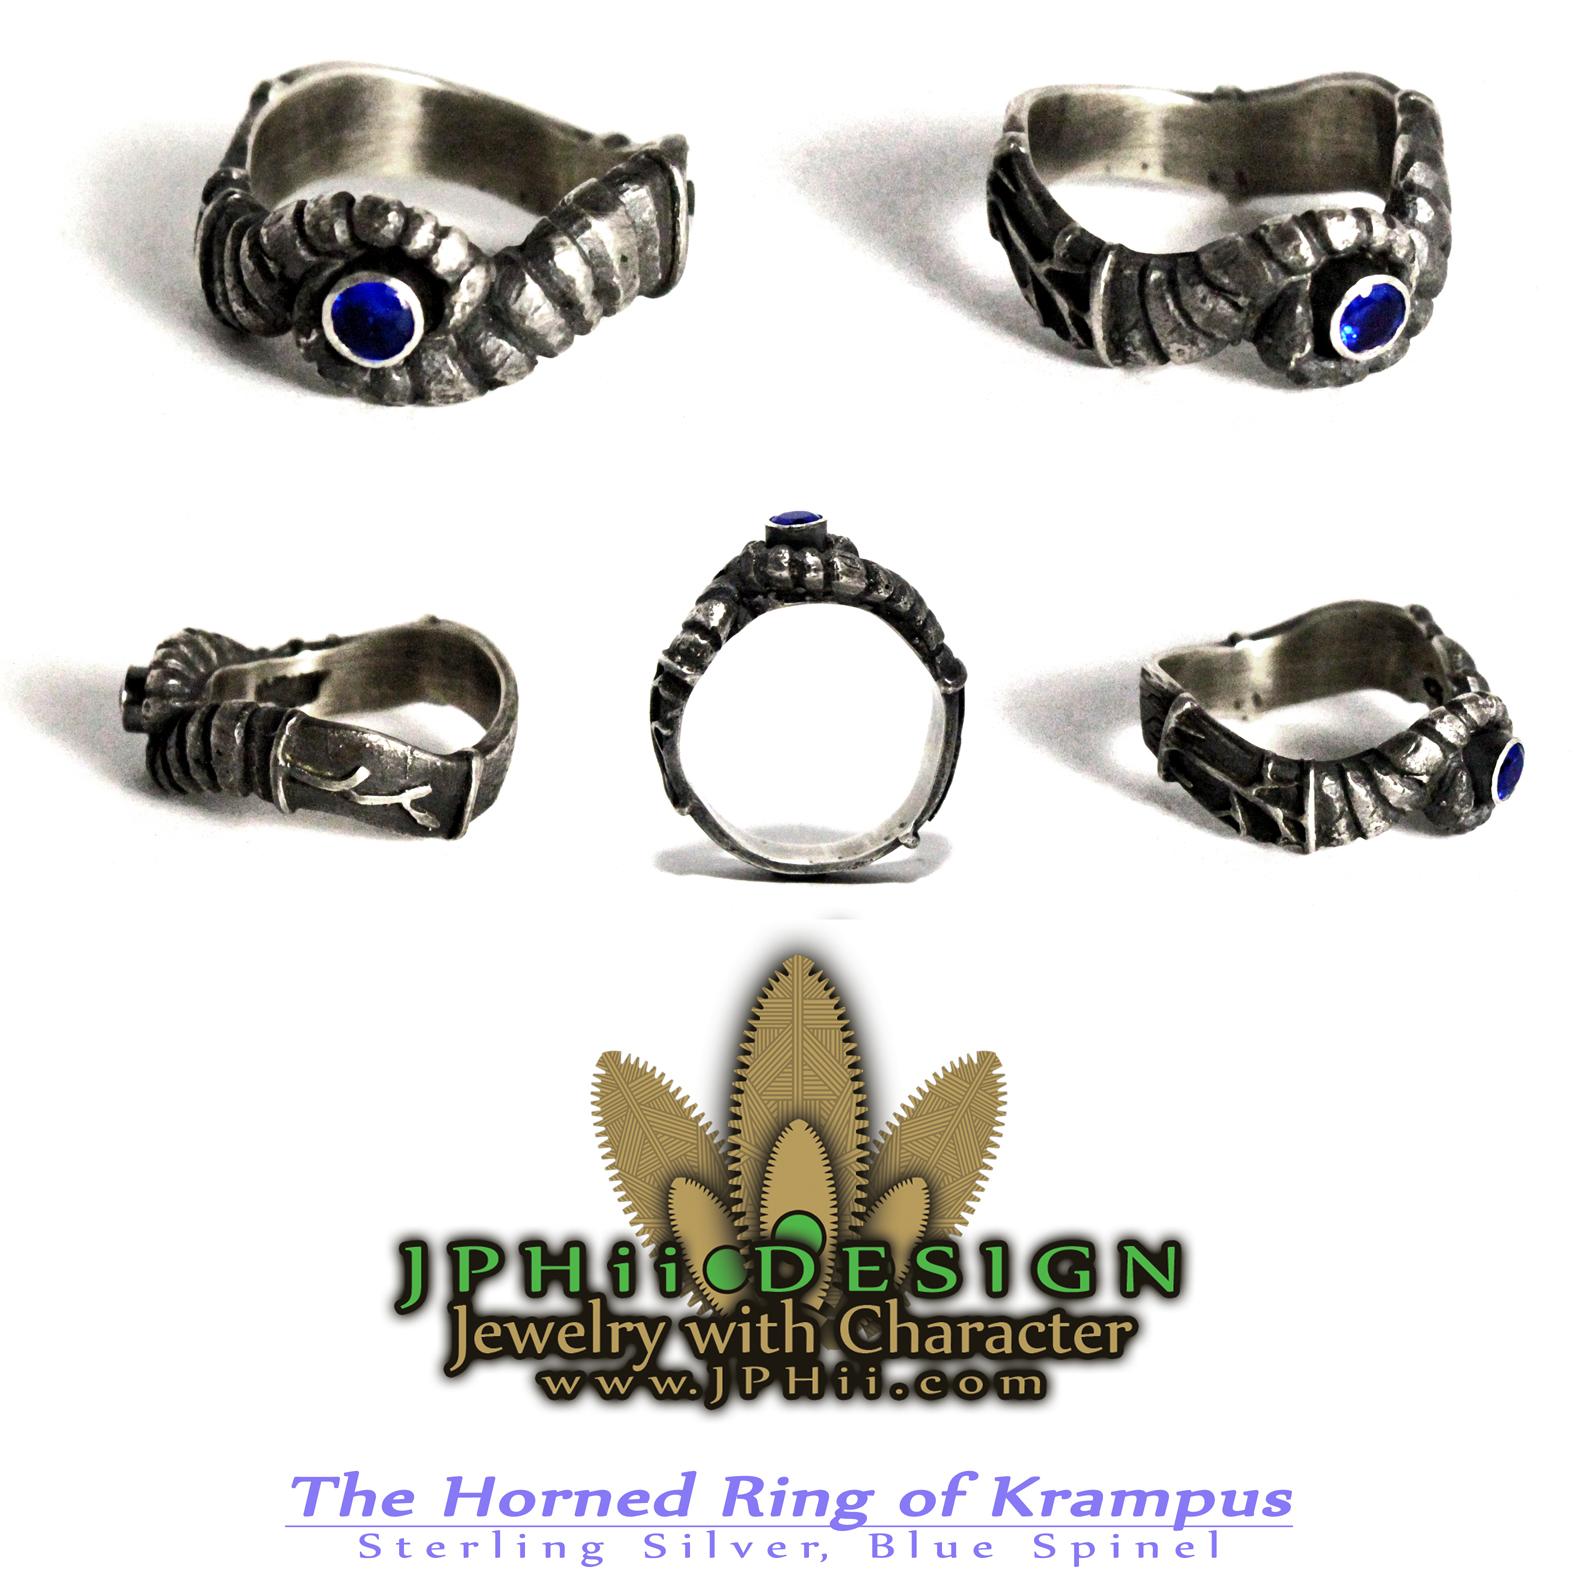 Horned Ring of Krampus